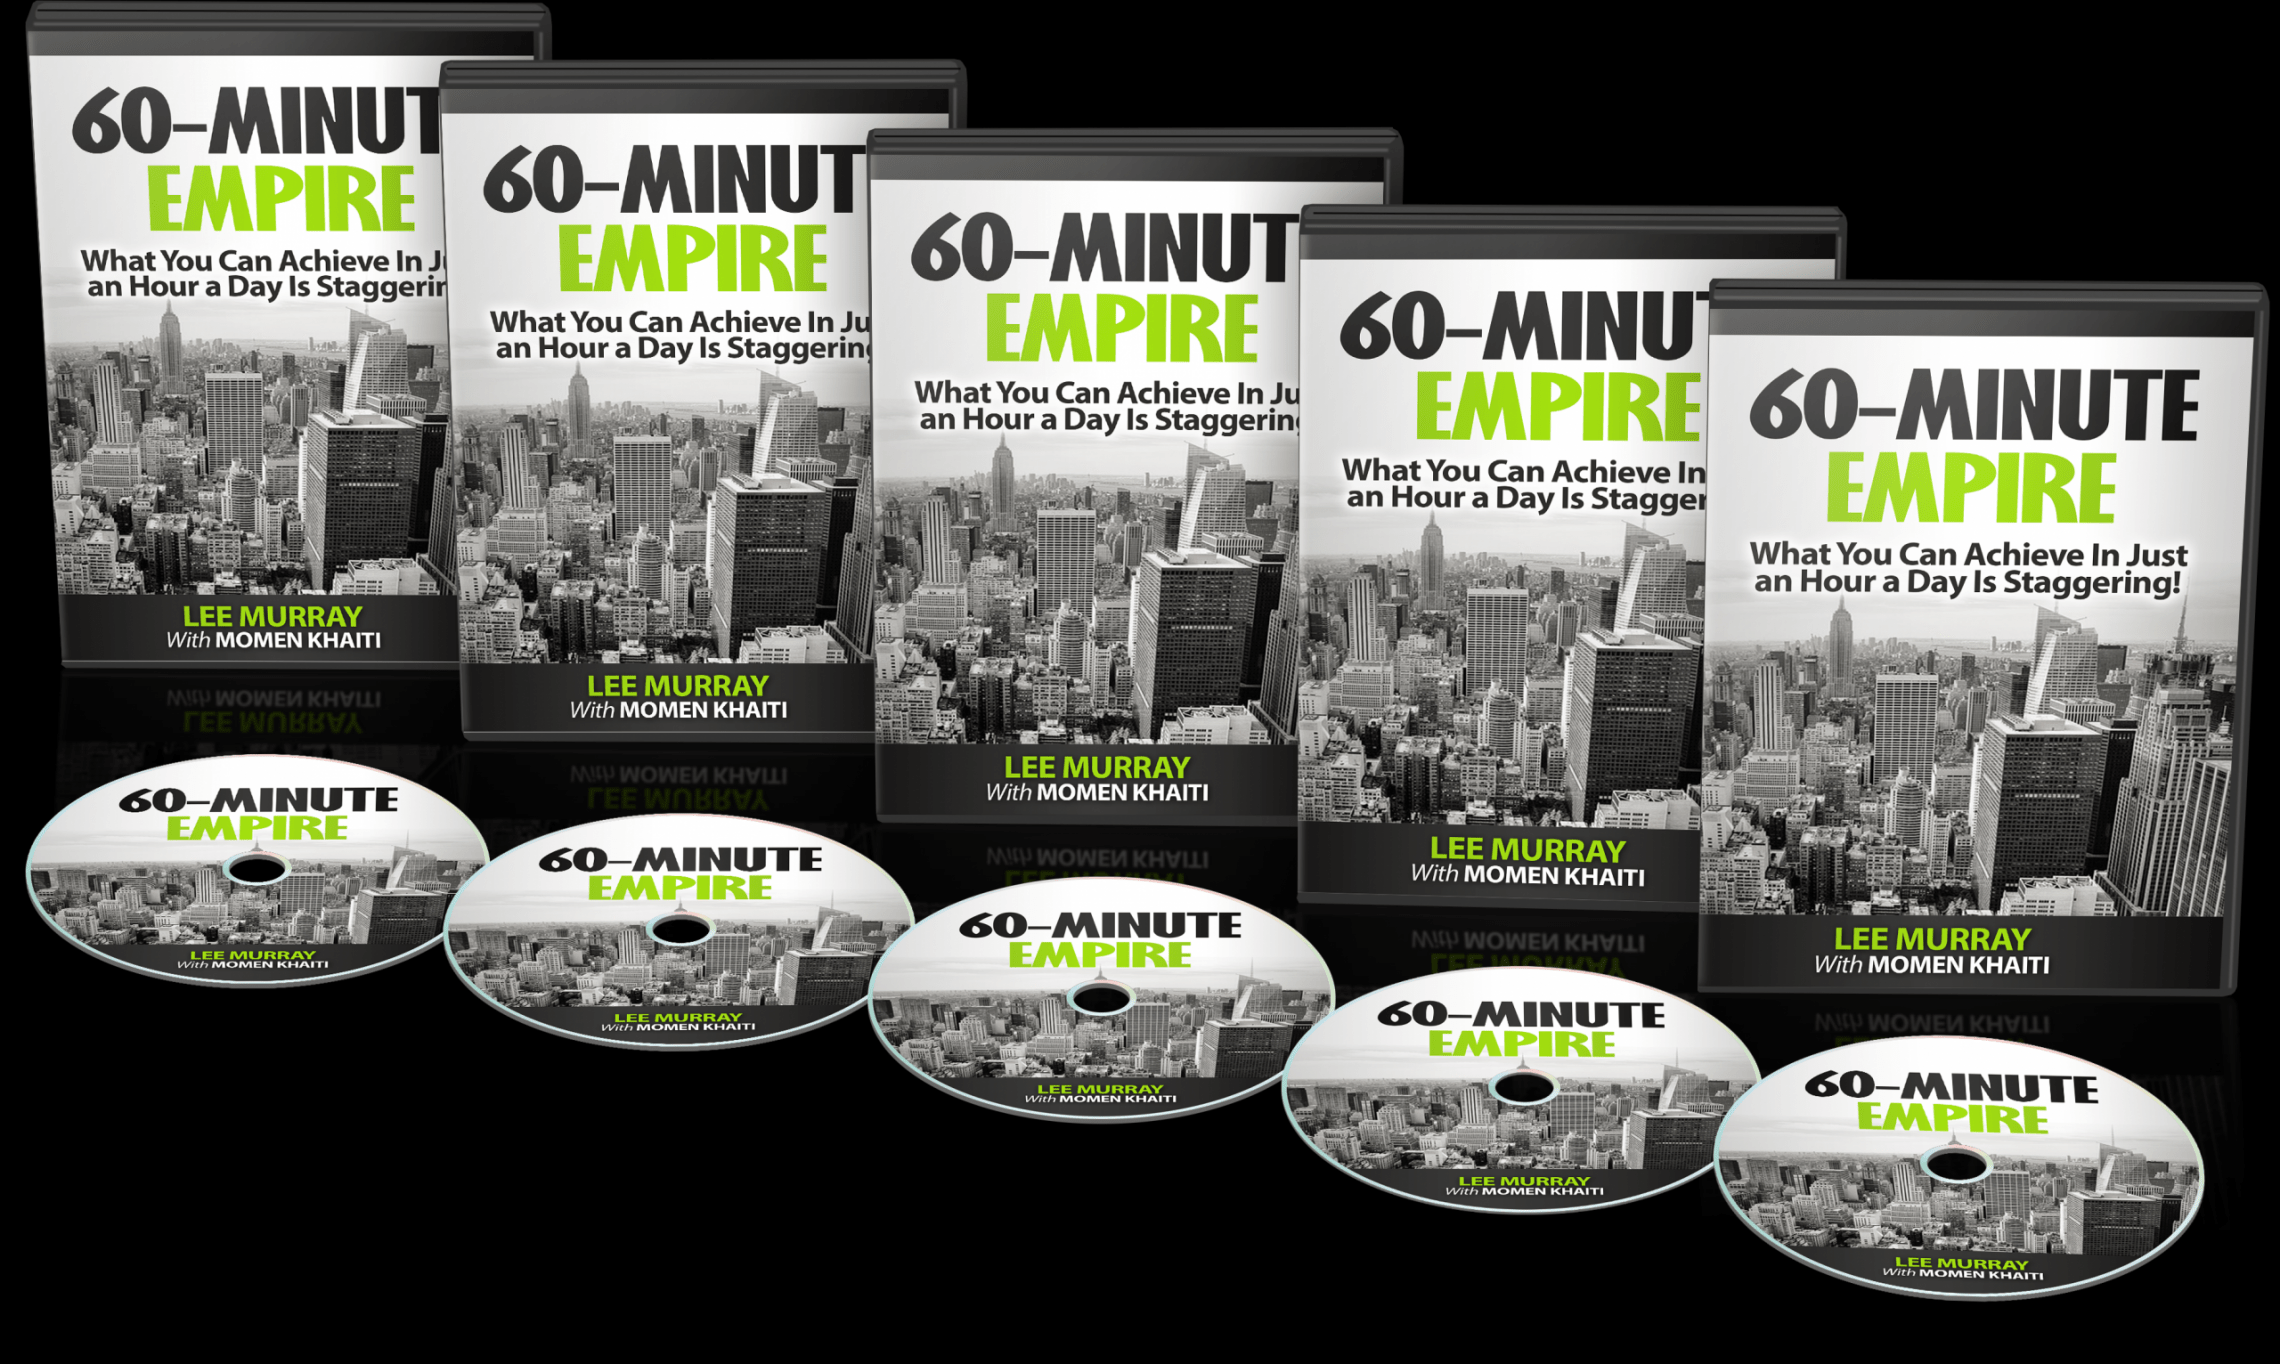 最好的、经过充分验证的策略组合成一个每天60分钟的系统不断增长的持续的流量!(60 Minute Empire)